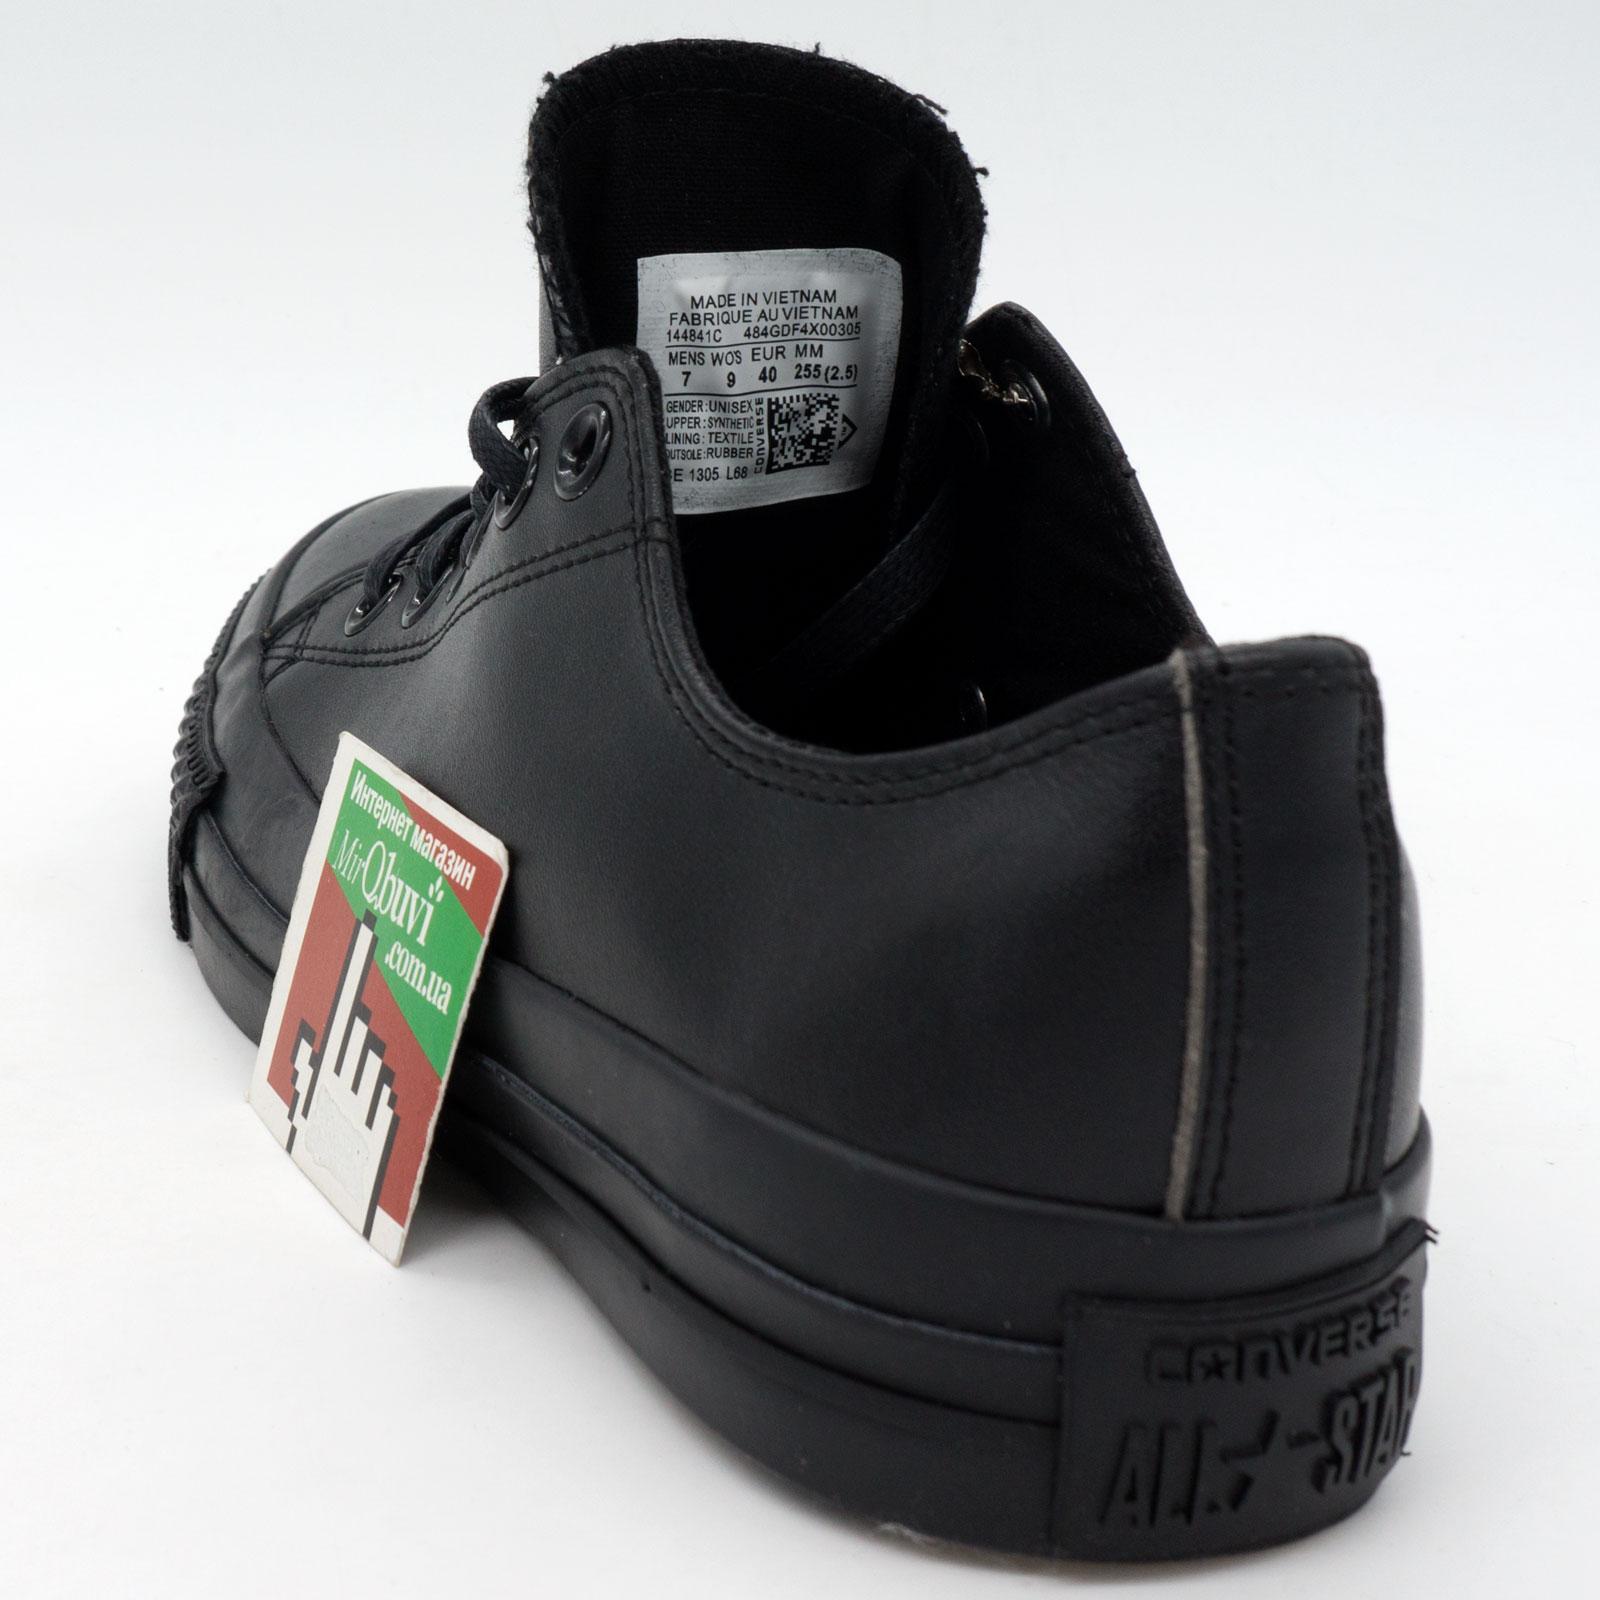 фото back Кеды Converse кожаные низкие полностью черные back